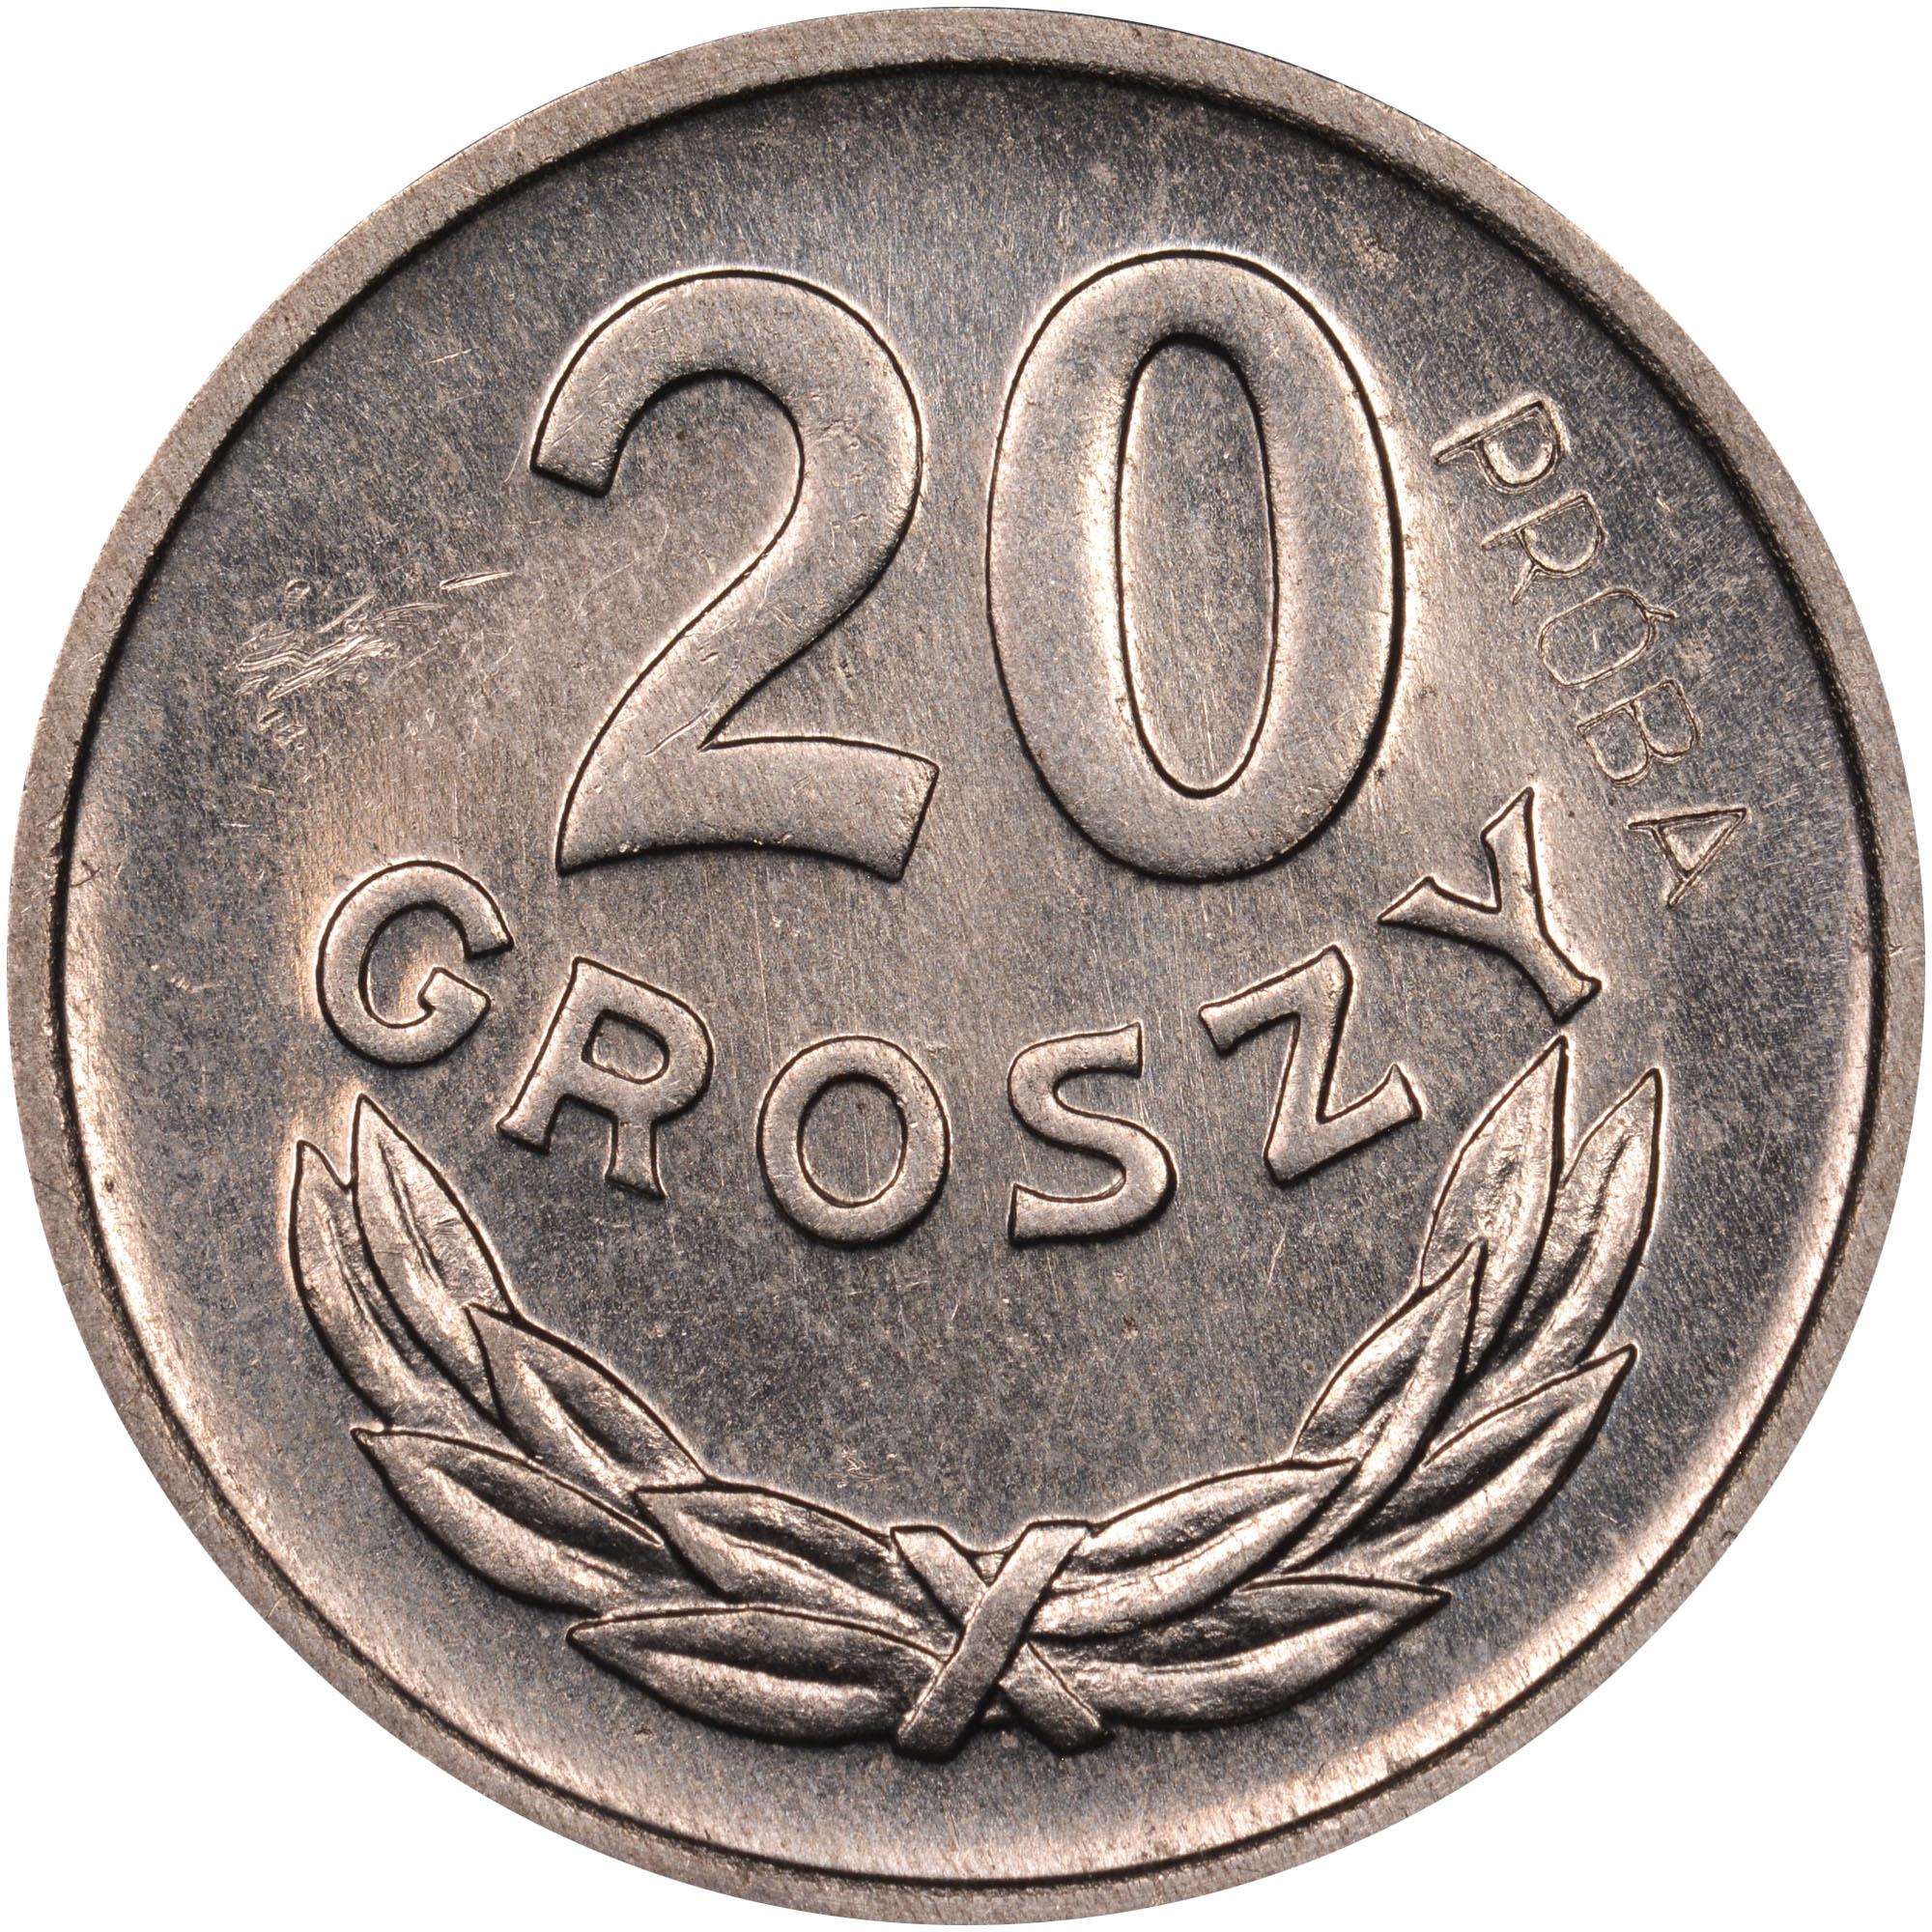 20 croszy 1949 цена как определить фальшивую монету